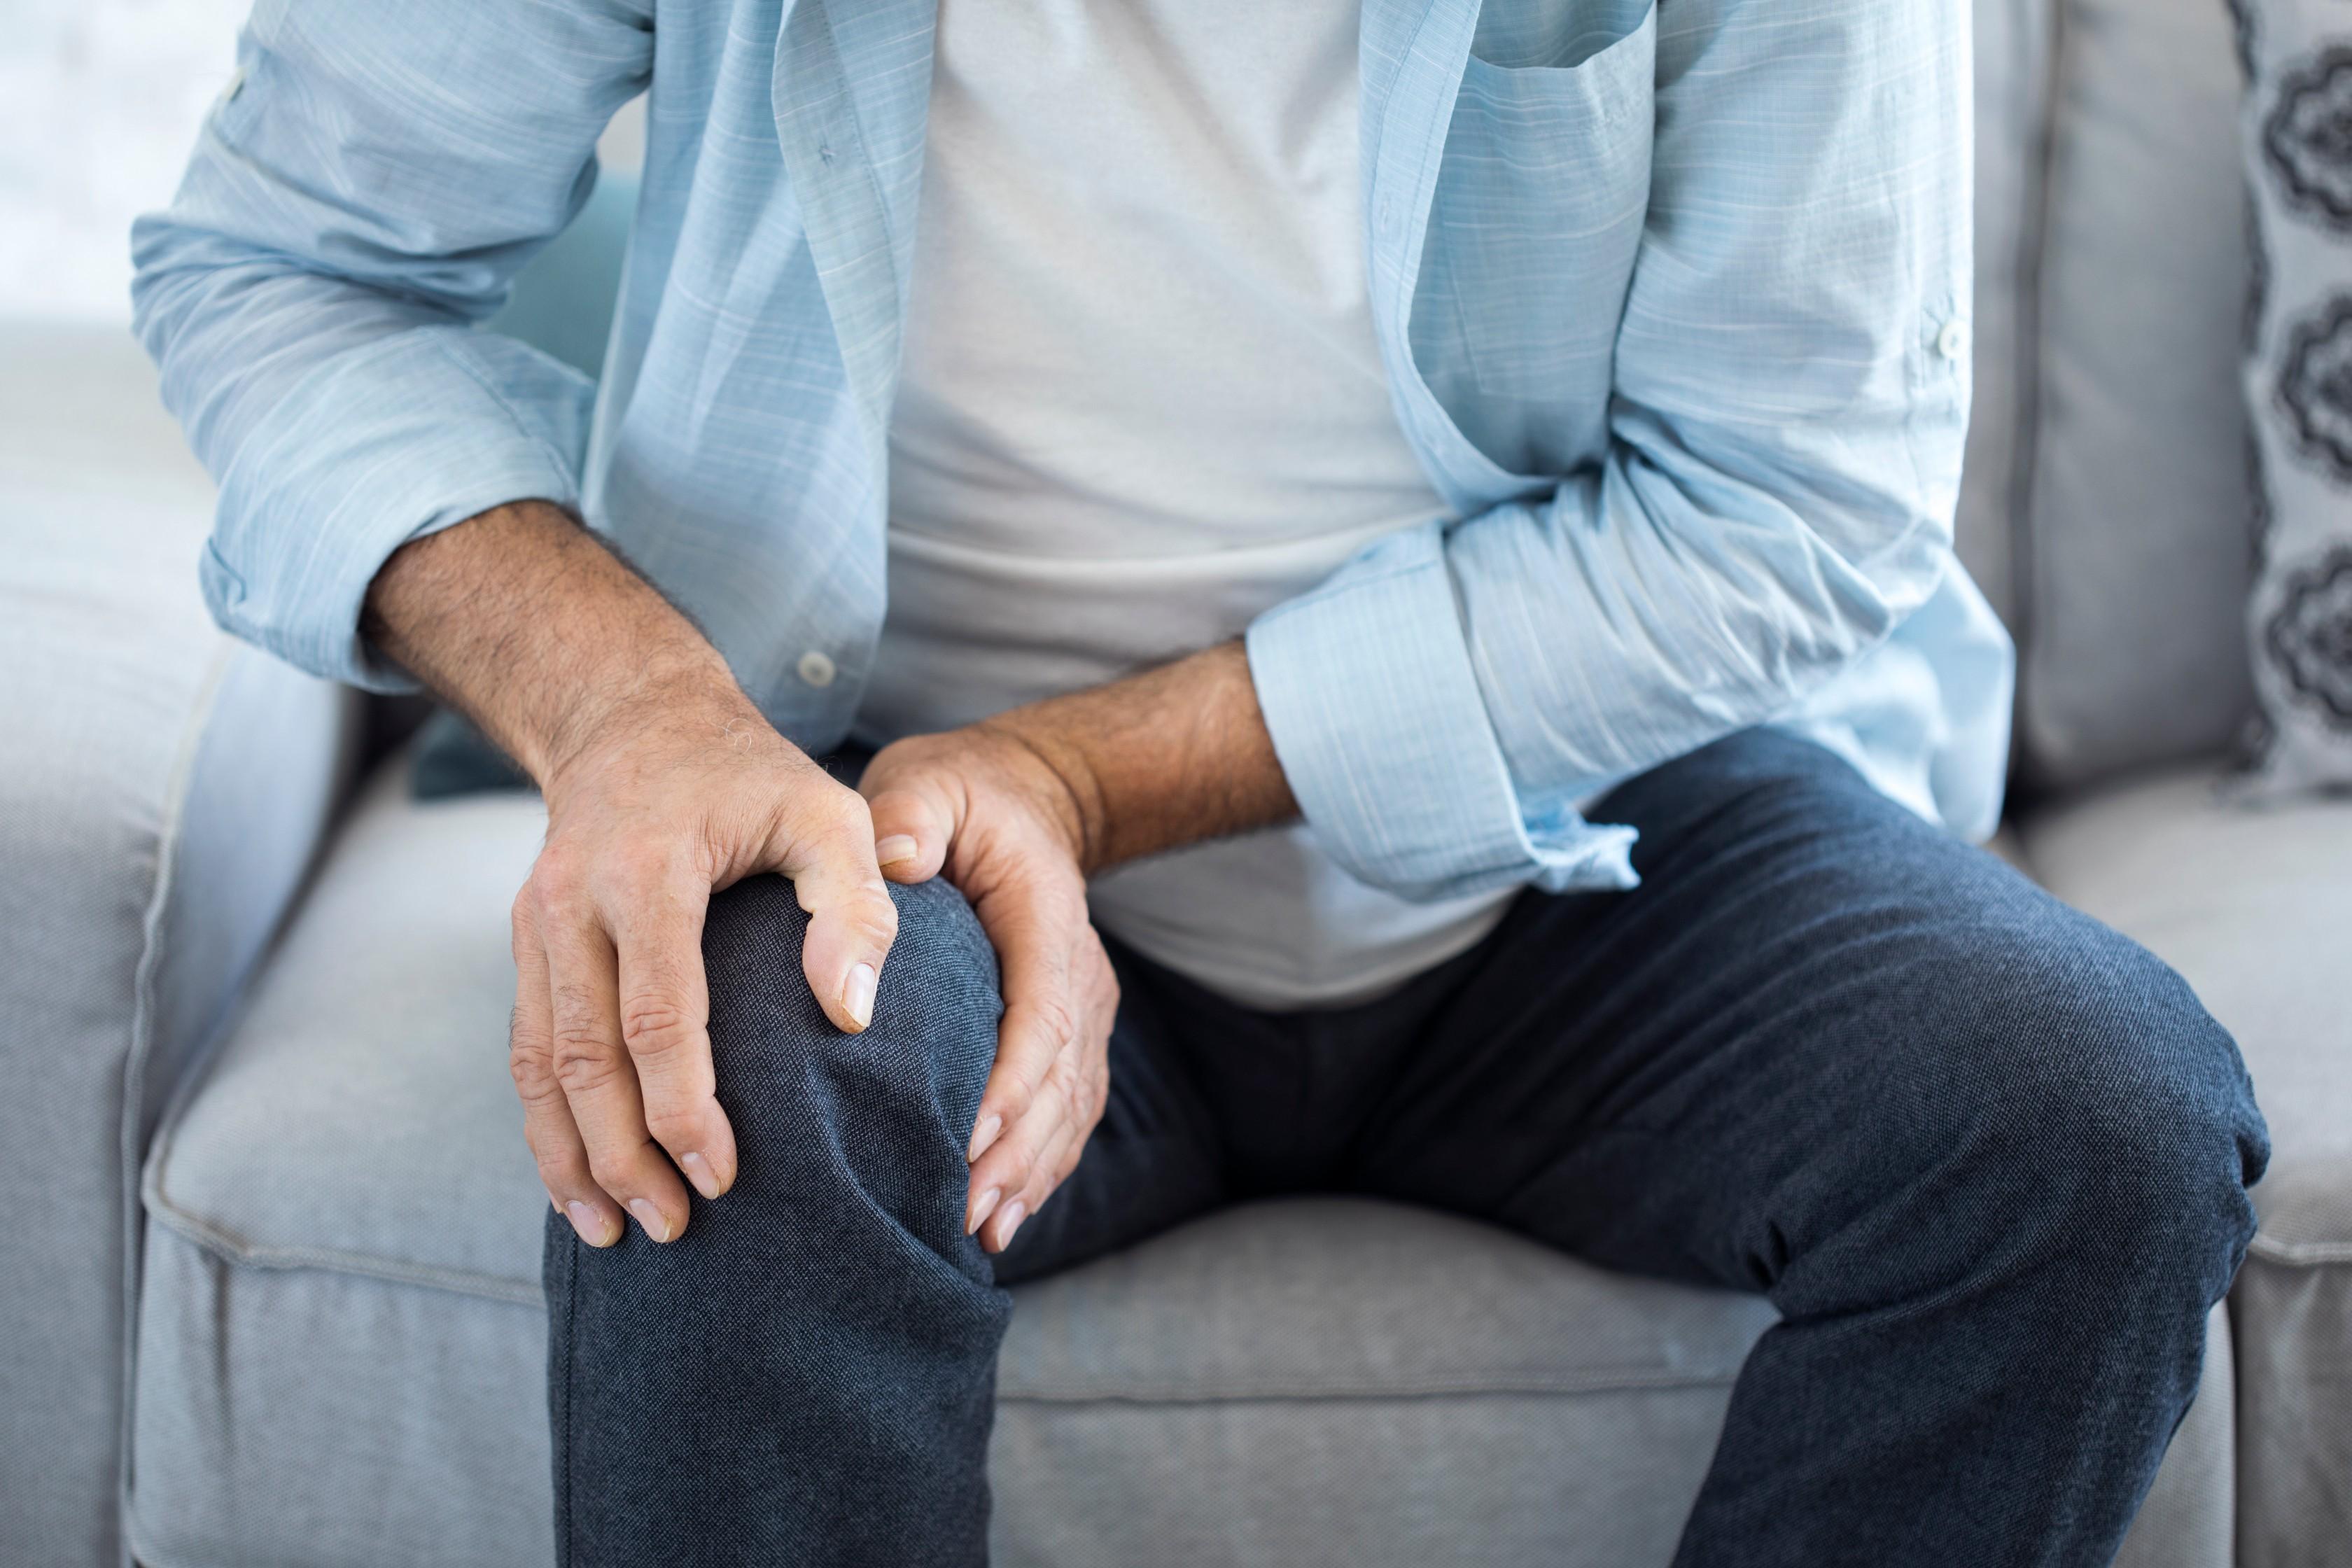 hogyan lehet kezelni a kar ízületének ízületi gyulladását hogyan kell kezelni a könyökízület belső epicondylitisét